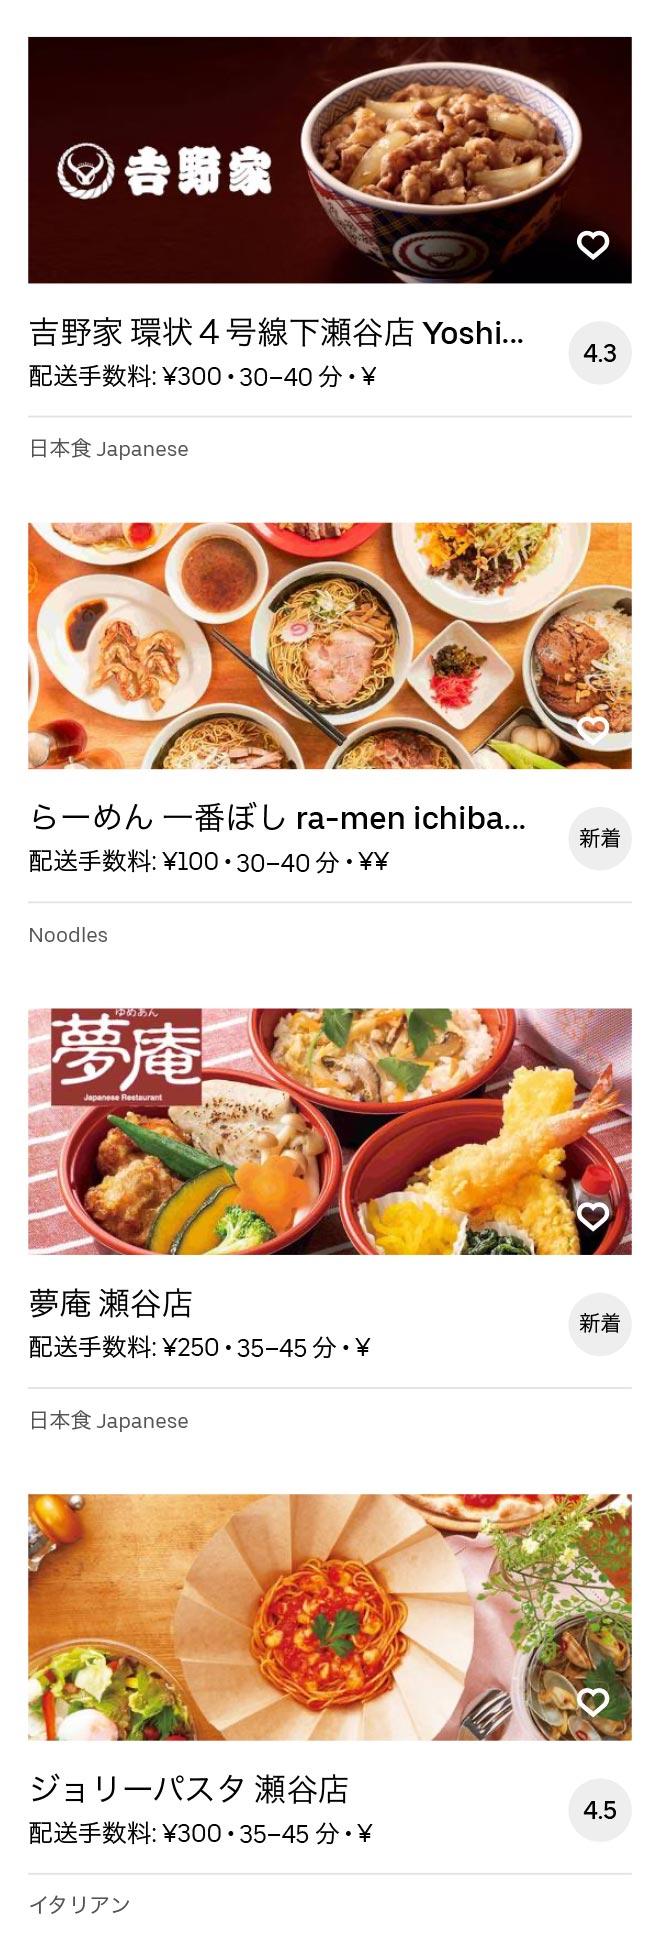 Yamato menu 2008 04